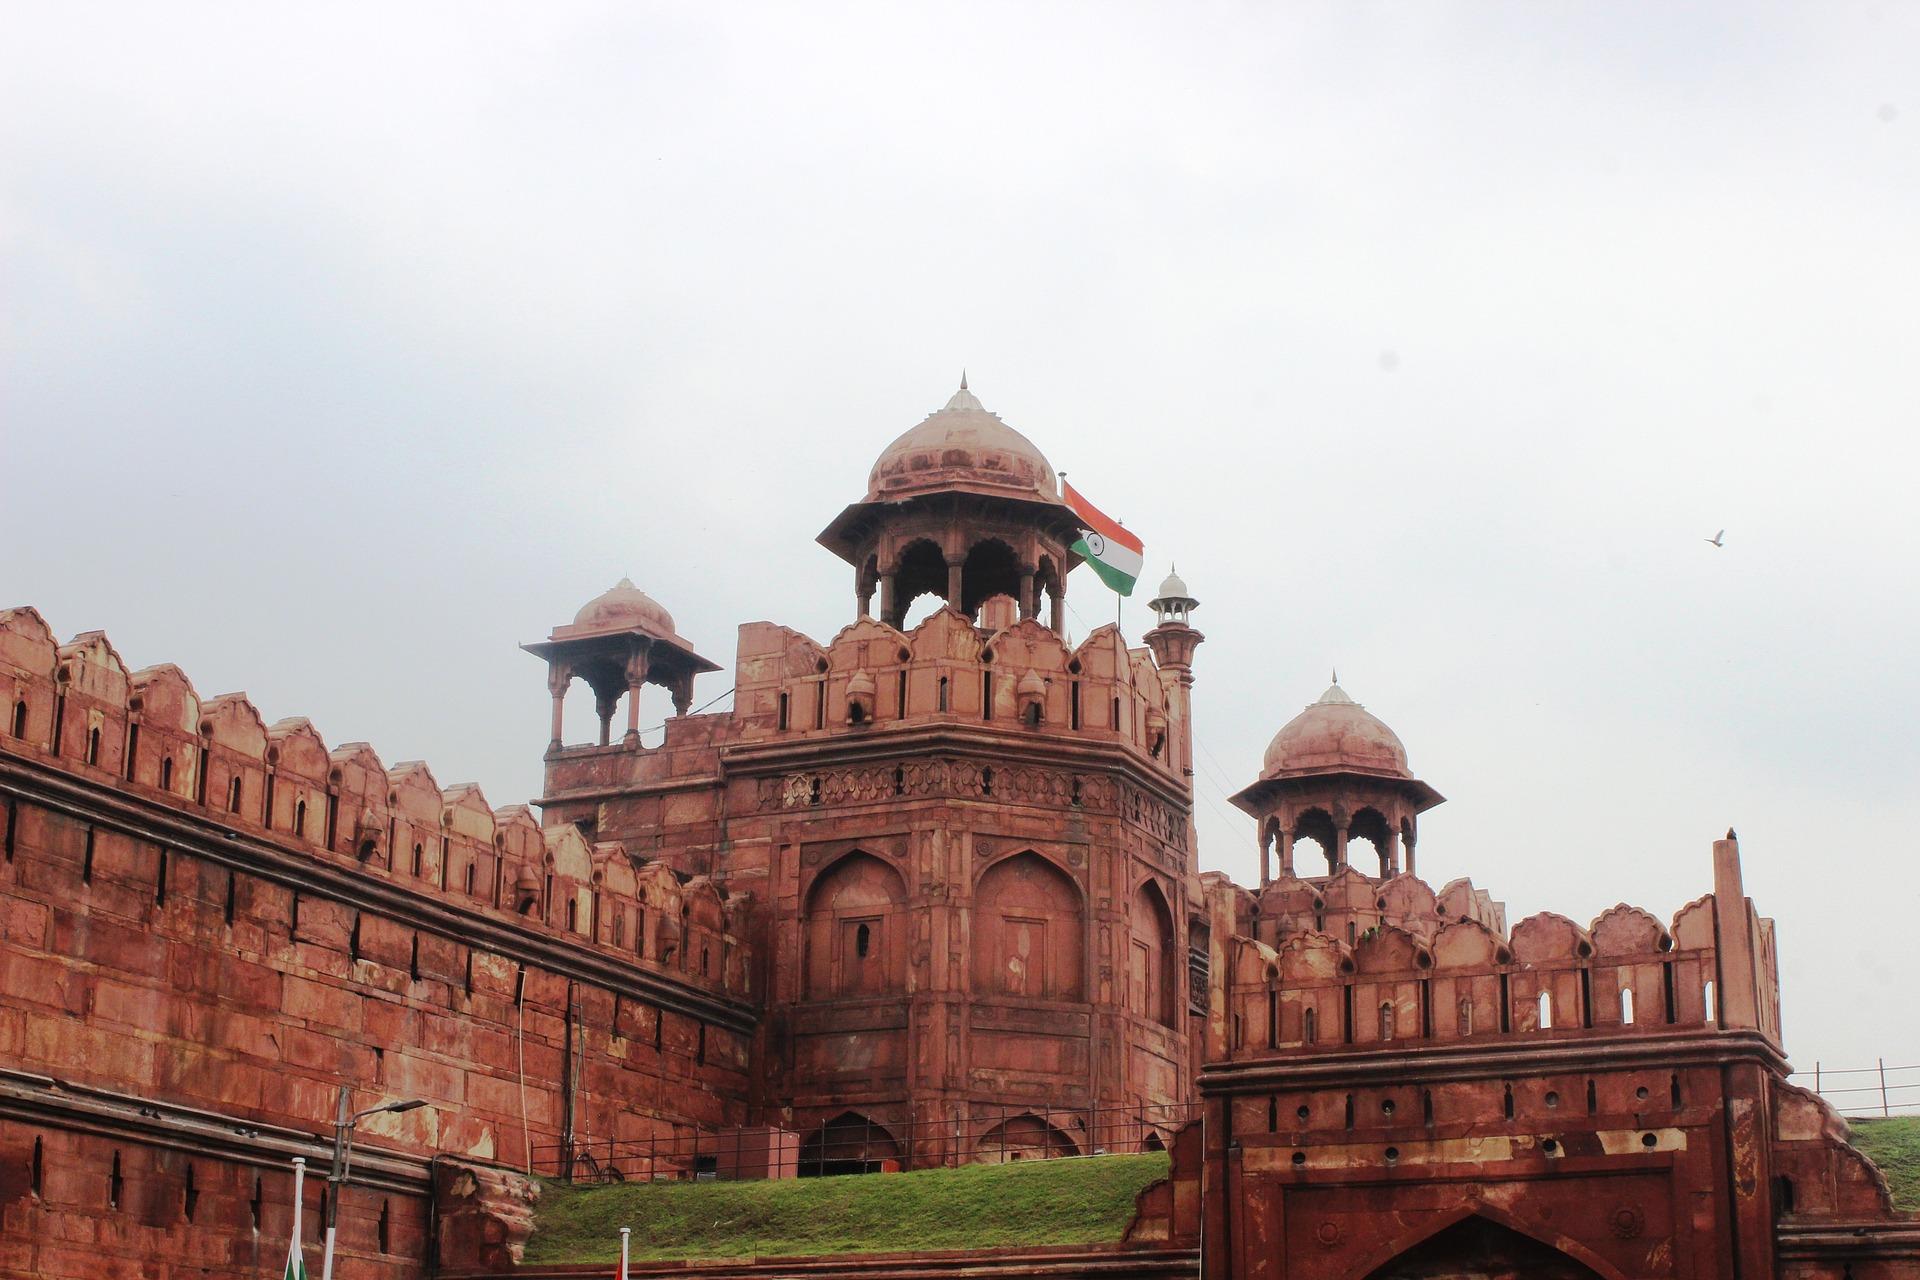 Pauschalreise nach Indien Delhi's Red Fort